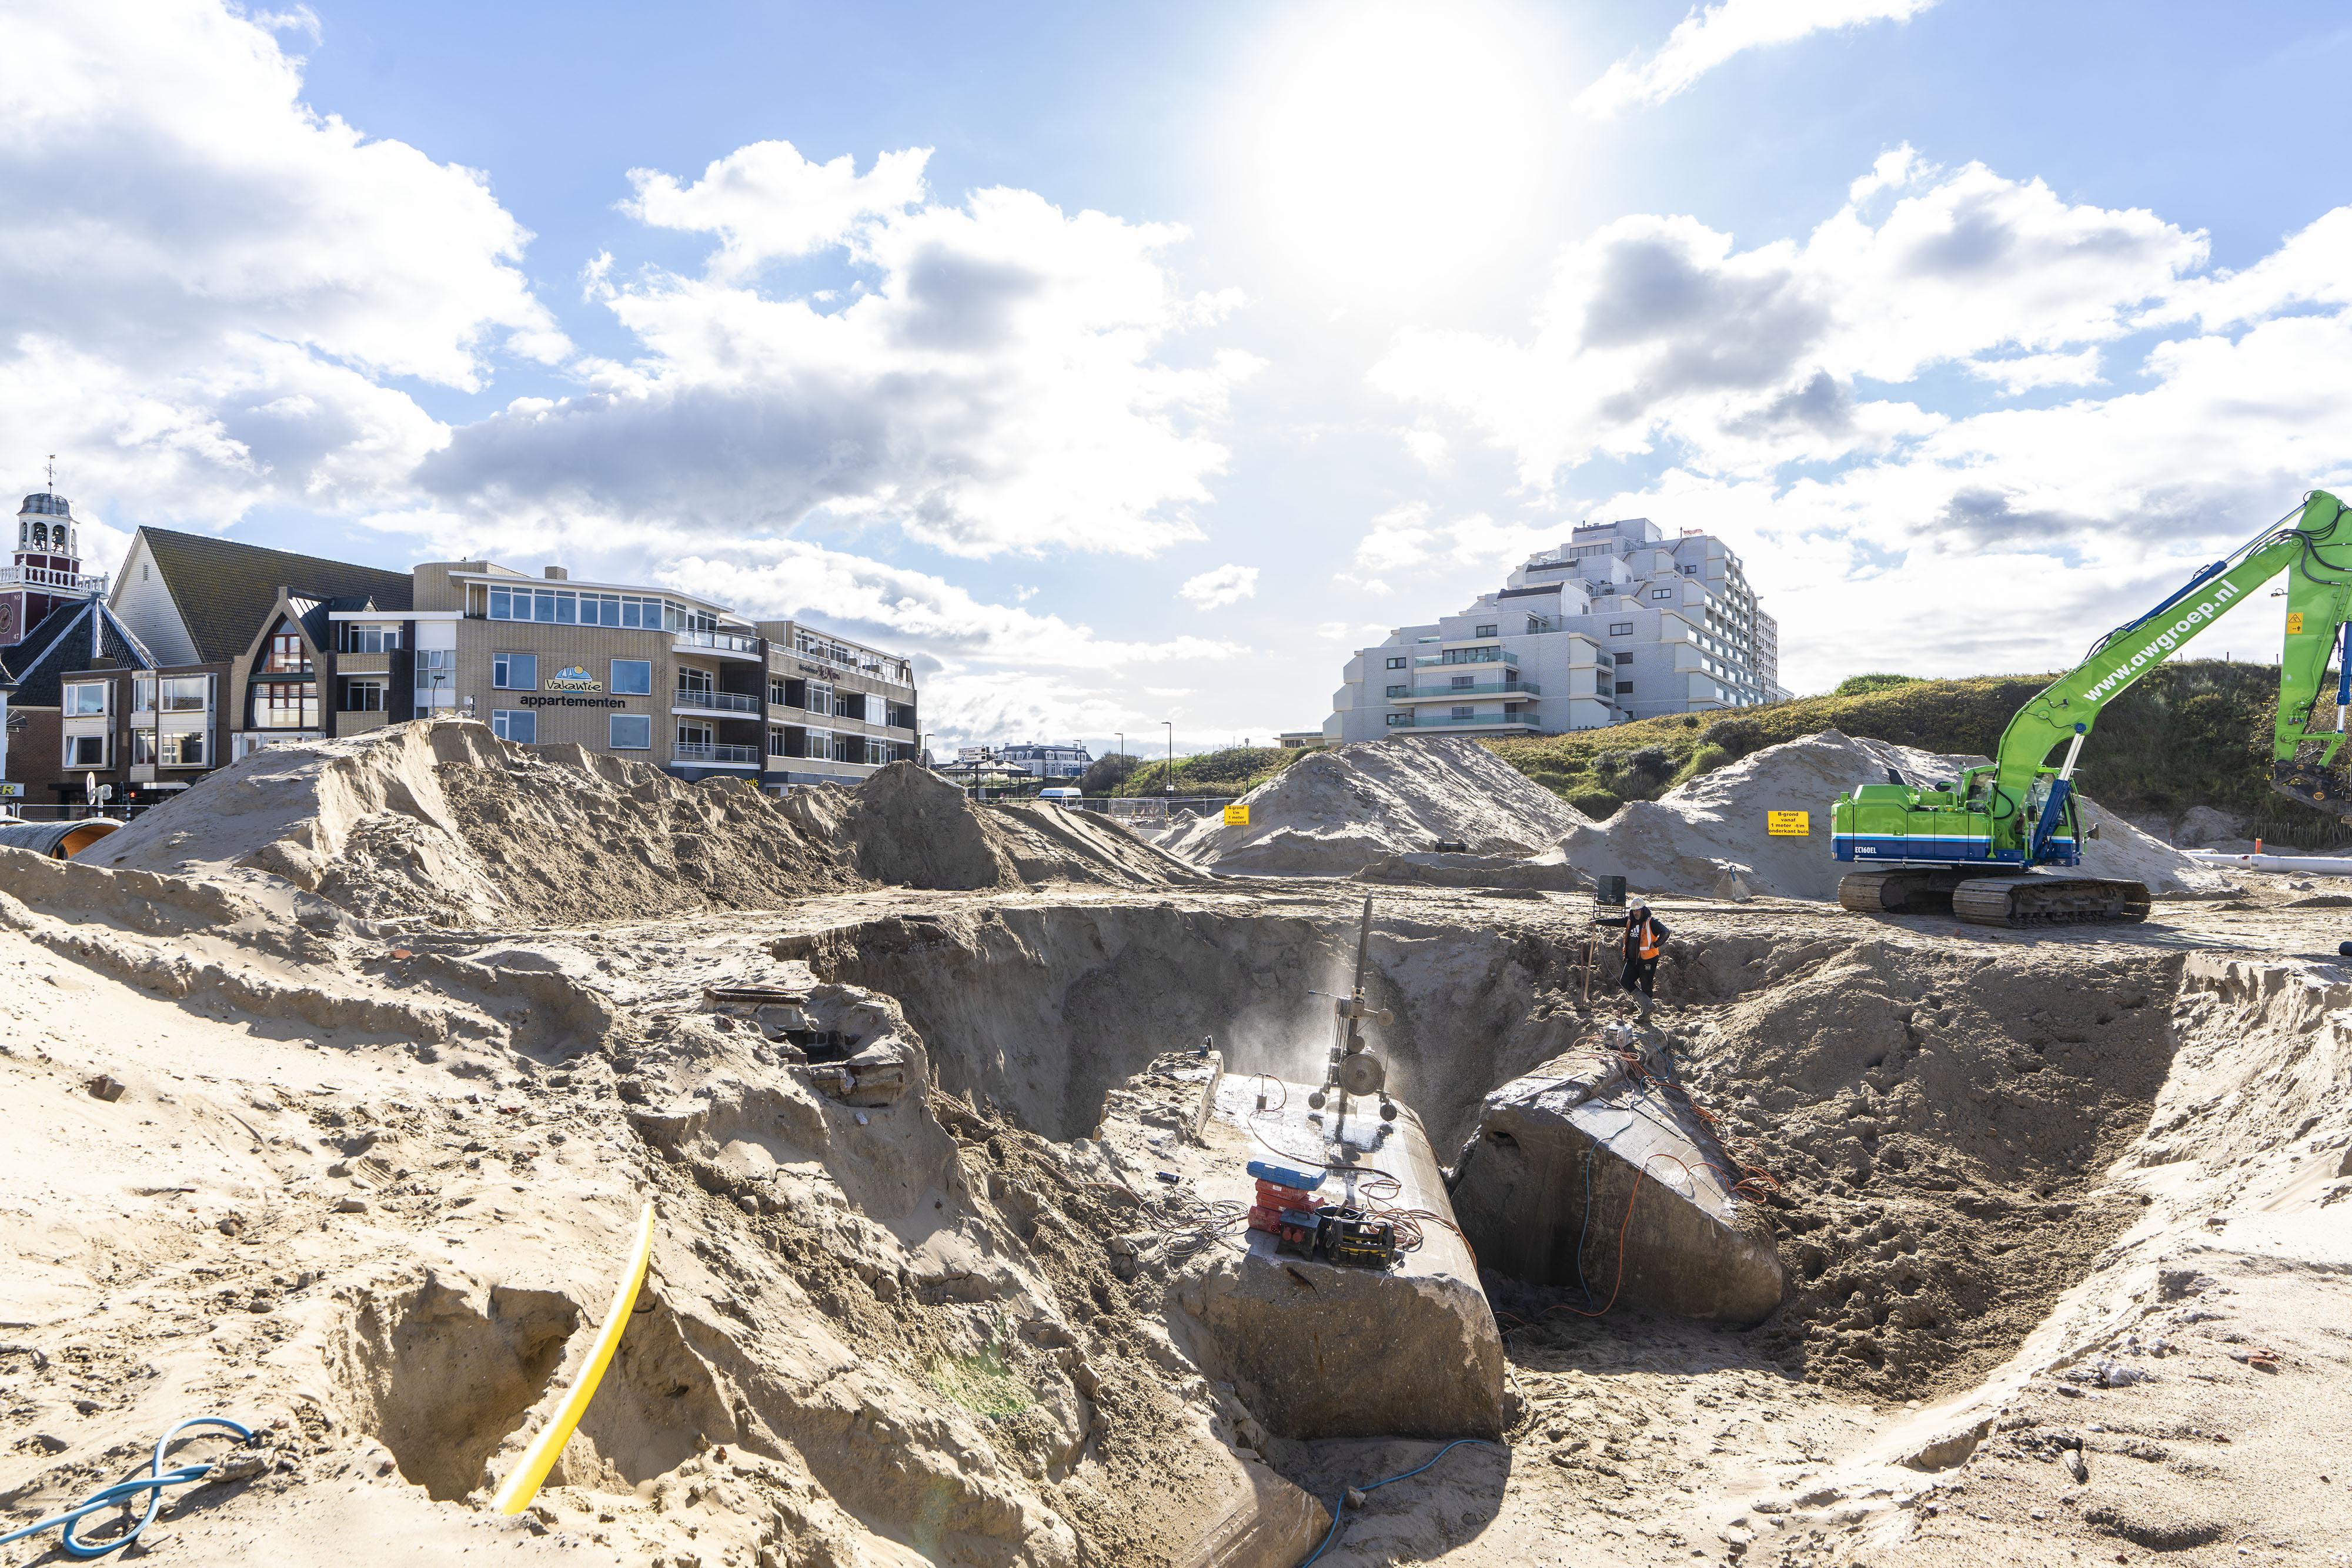 Het oorlogsbeton van de Atlantikwall zaag je niet zomaar door, maar het lukt in Noordwijk